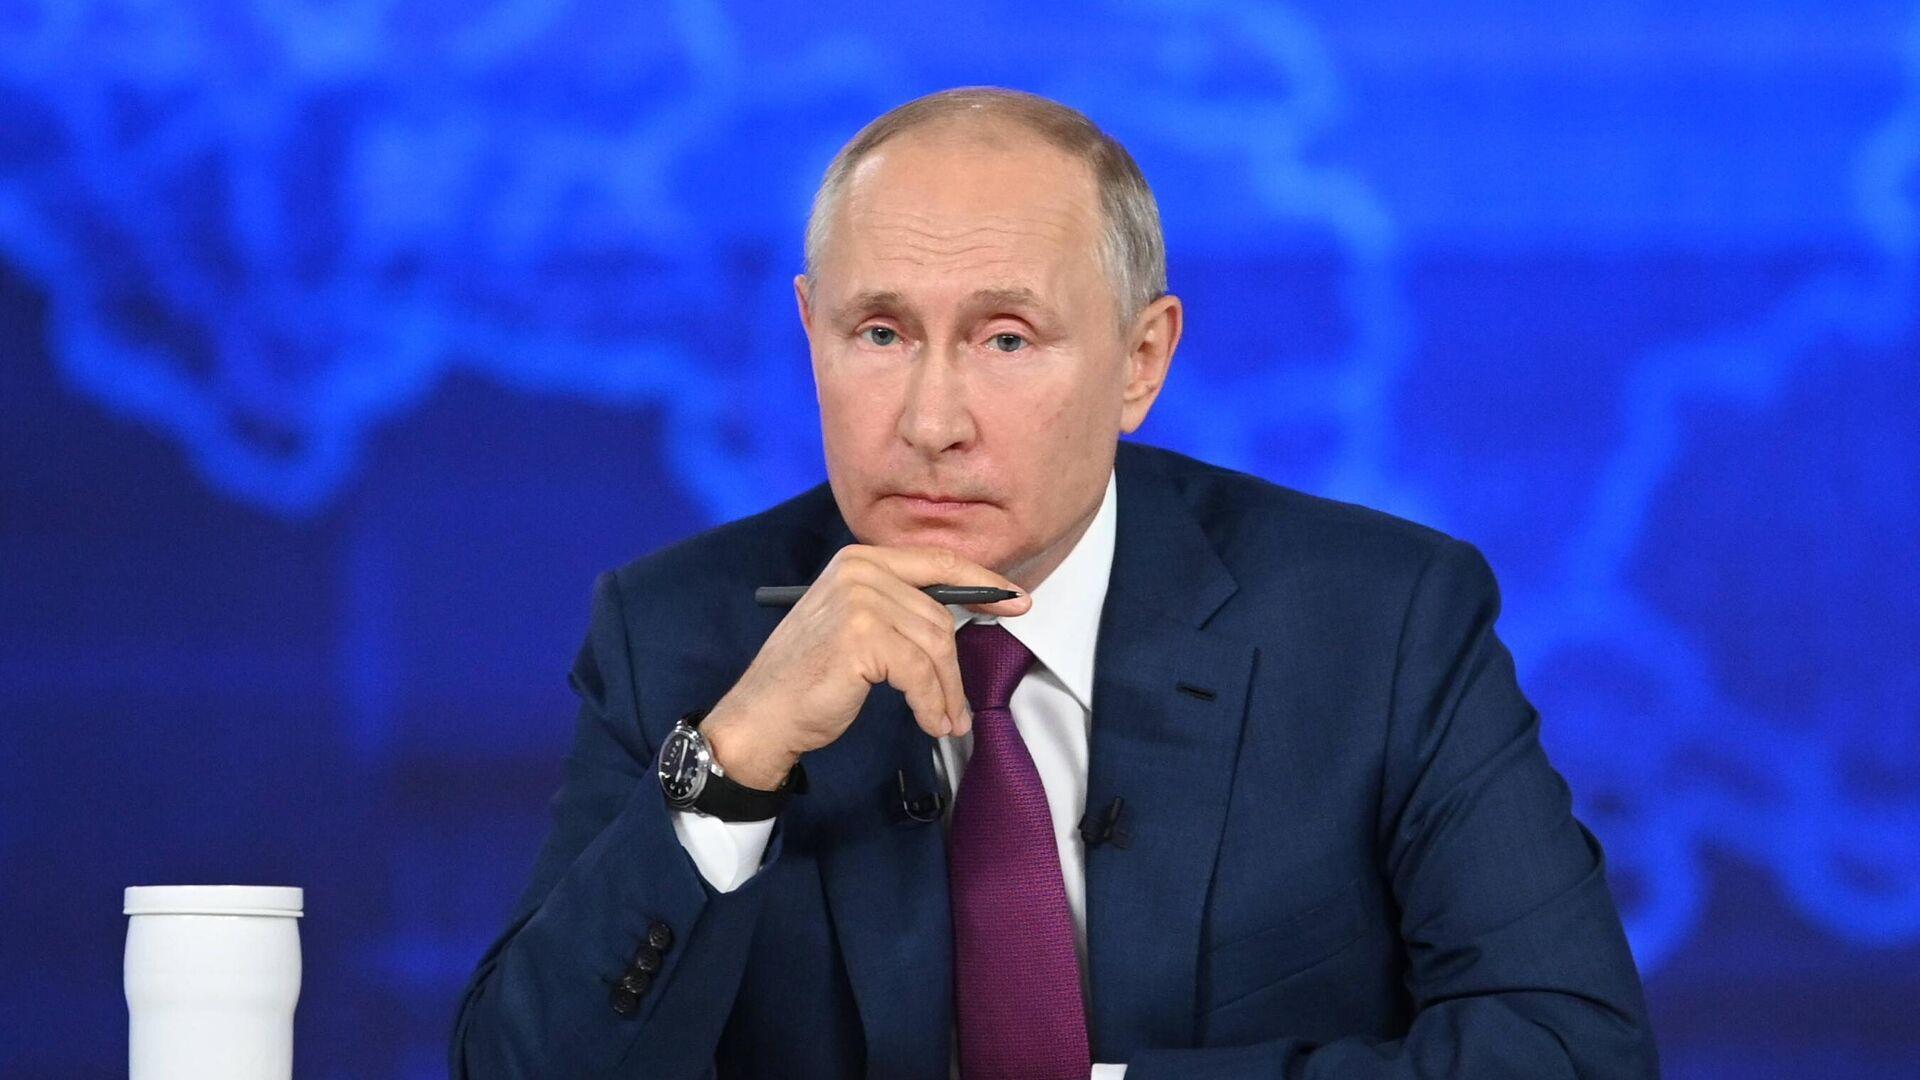 Президент РФ Владимир Путин отвечает на вопросы россиян во время ежегодной специальной программы Прямая линия с Владимиром Путиным - РИА Новости, 1920, 01.07.2021